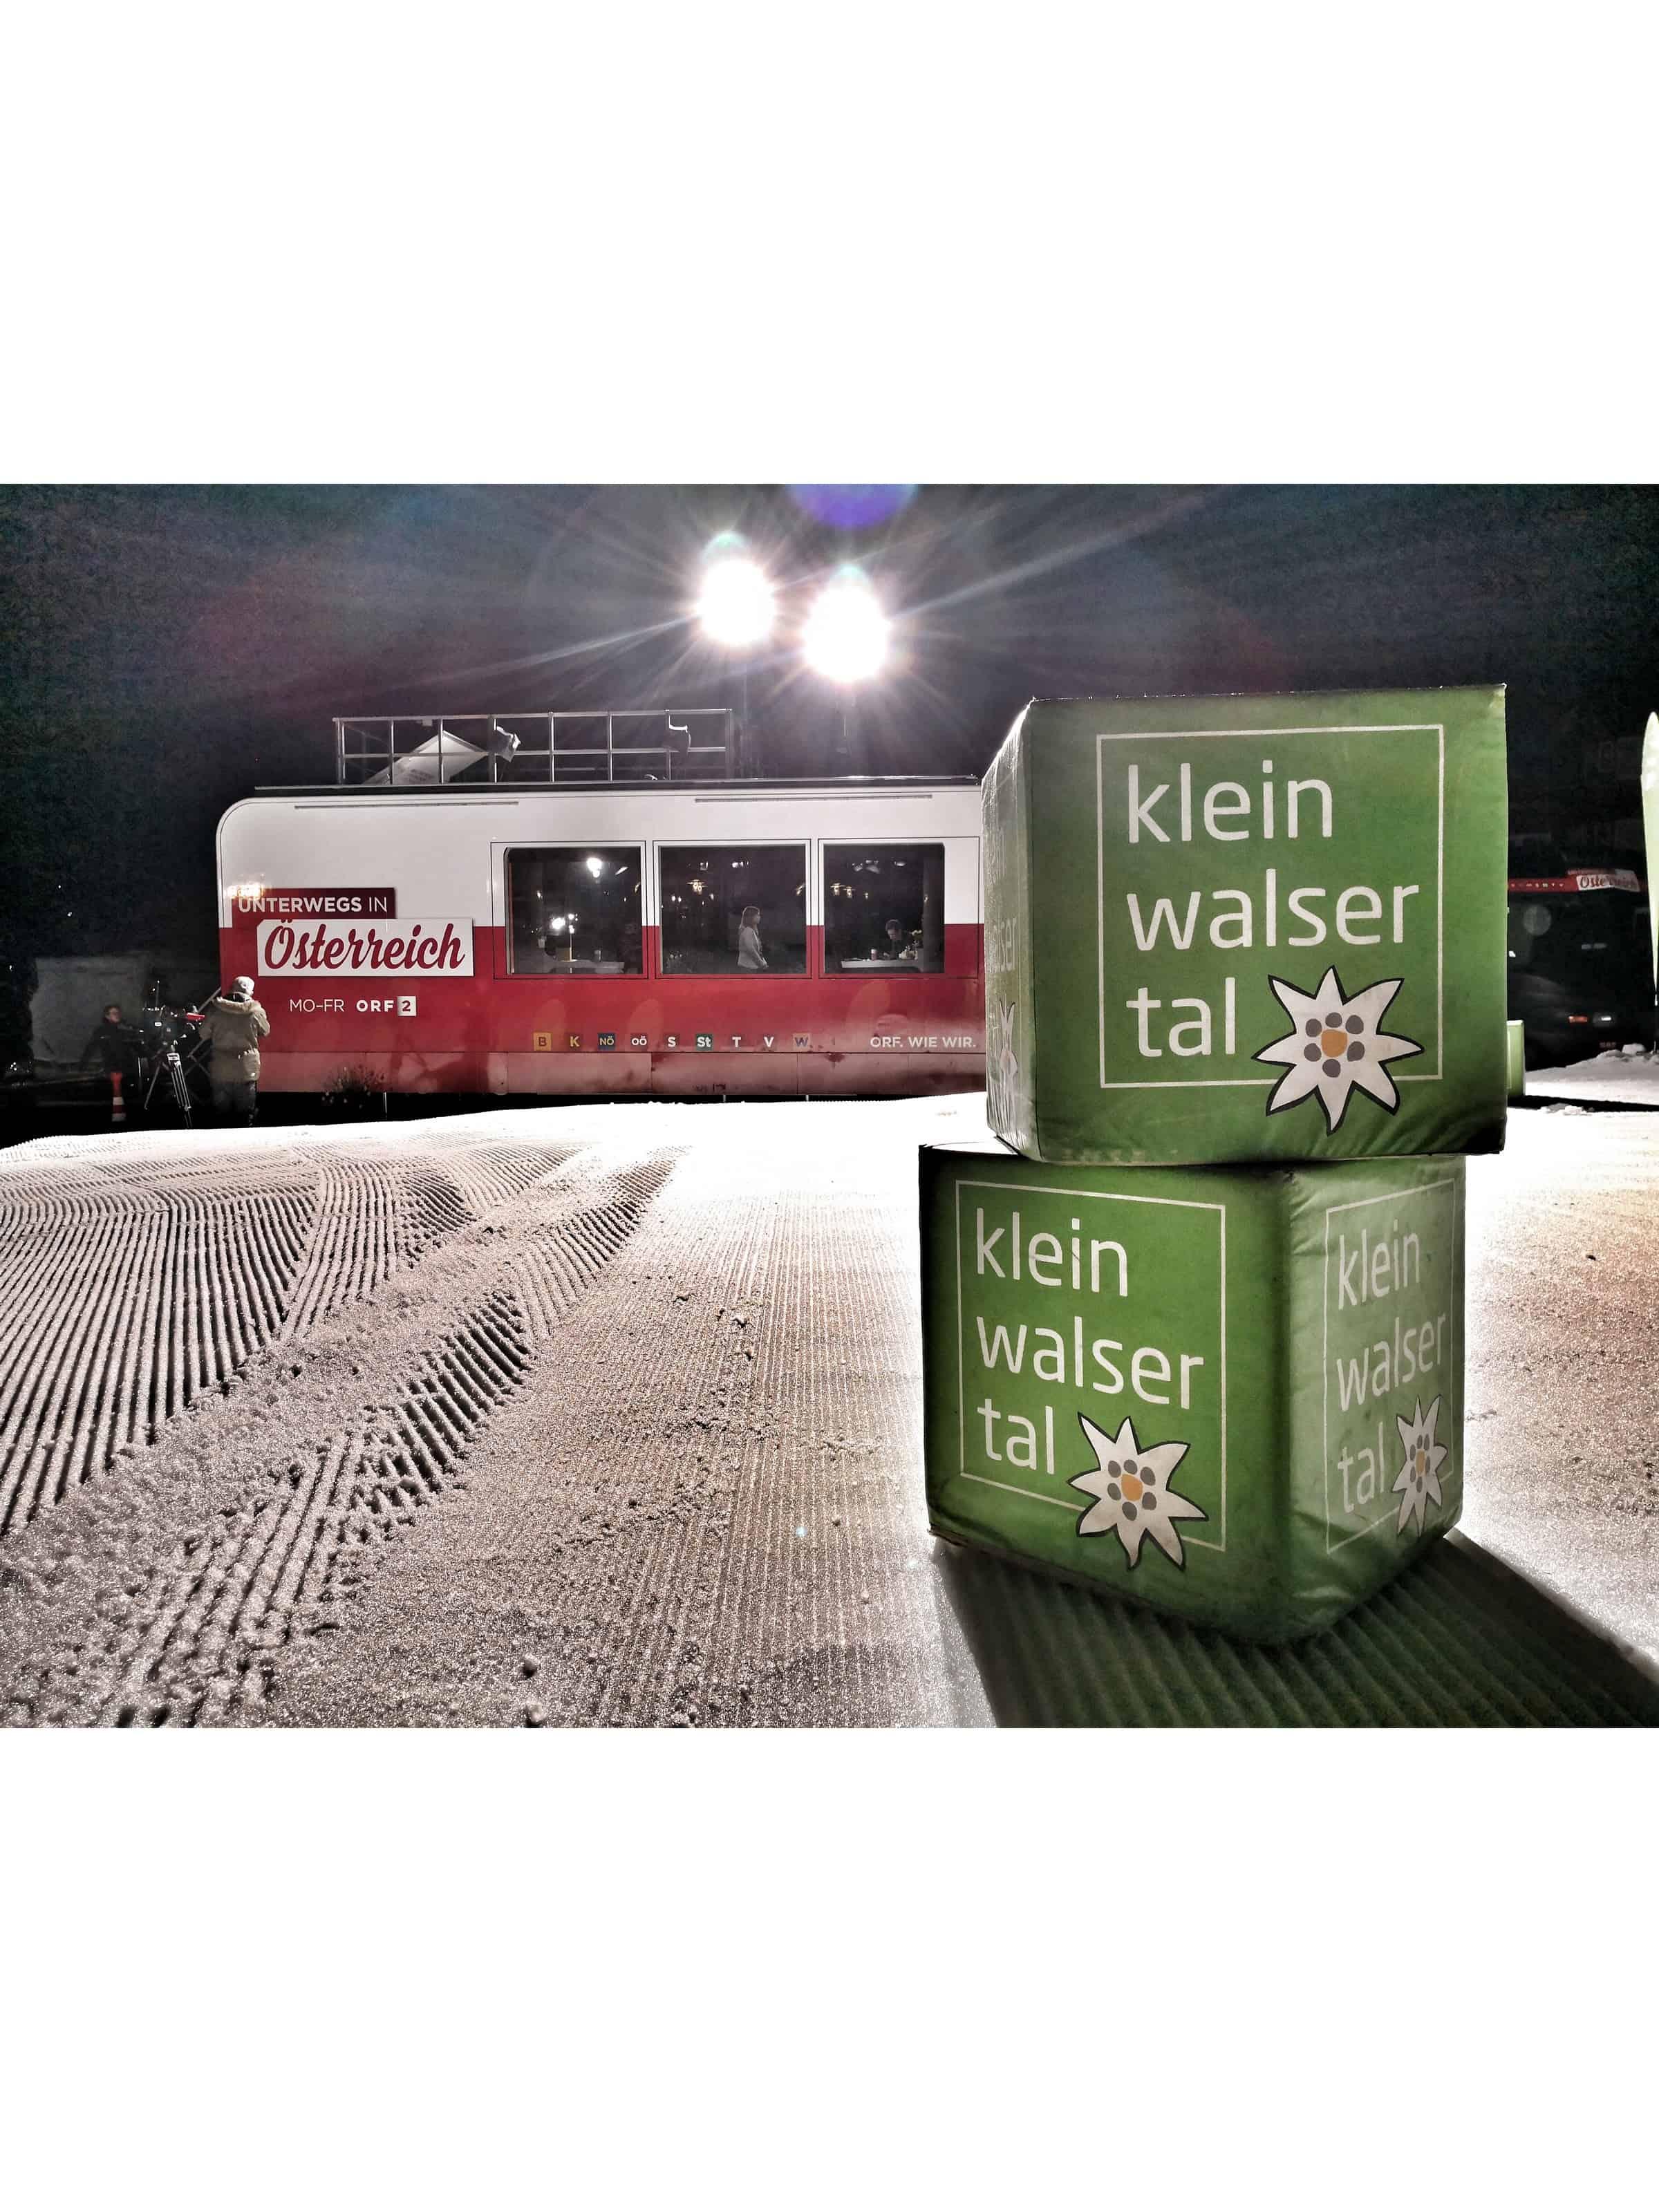 andreas felder kameramann ORF Guten Morgen Österreich ORF Daheim in Österreich 20 26.03.2018 06 11 19 - ORF Unterwegs in Österreich